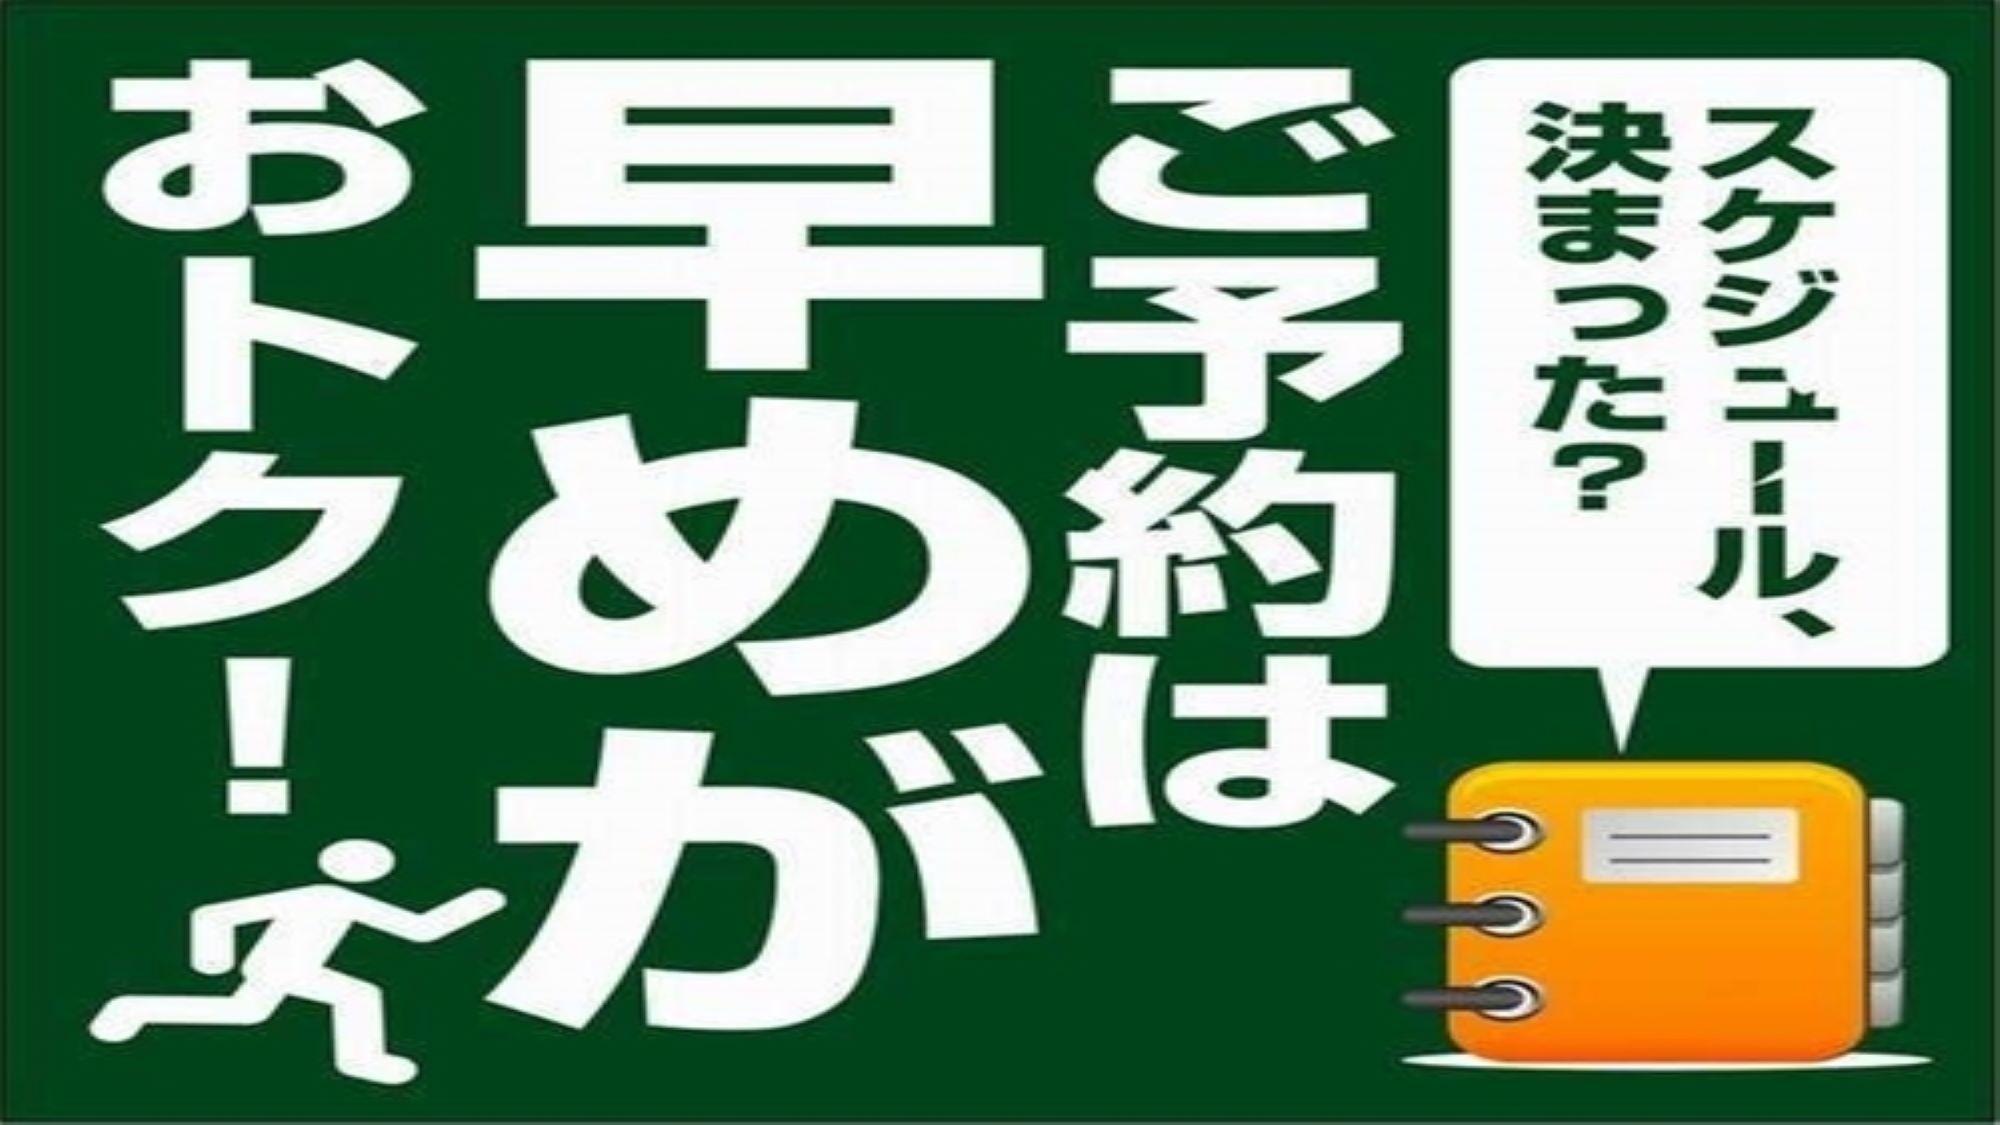 *東京駅から徒歩3分*【さき楽早得型・朝食なし】30日前のご予約でお得にステイ☆人工炭酸泉でぐっすり